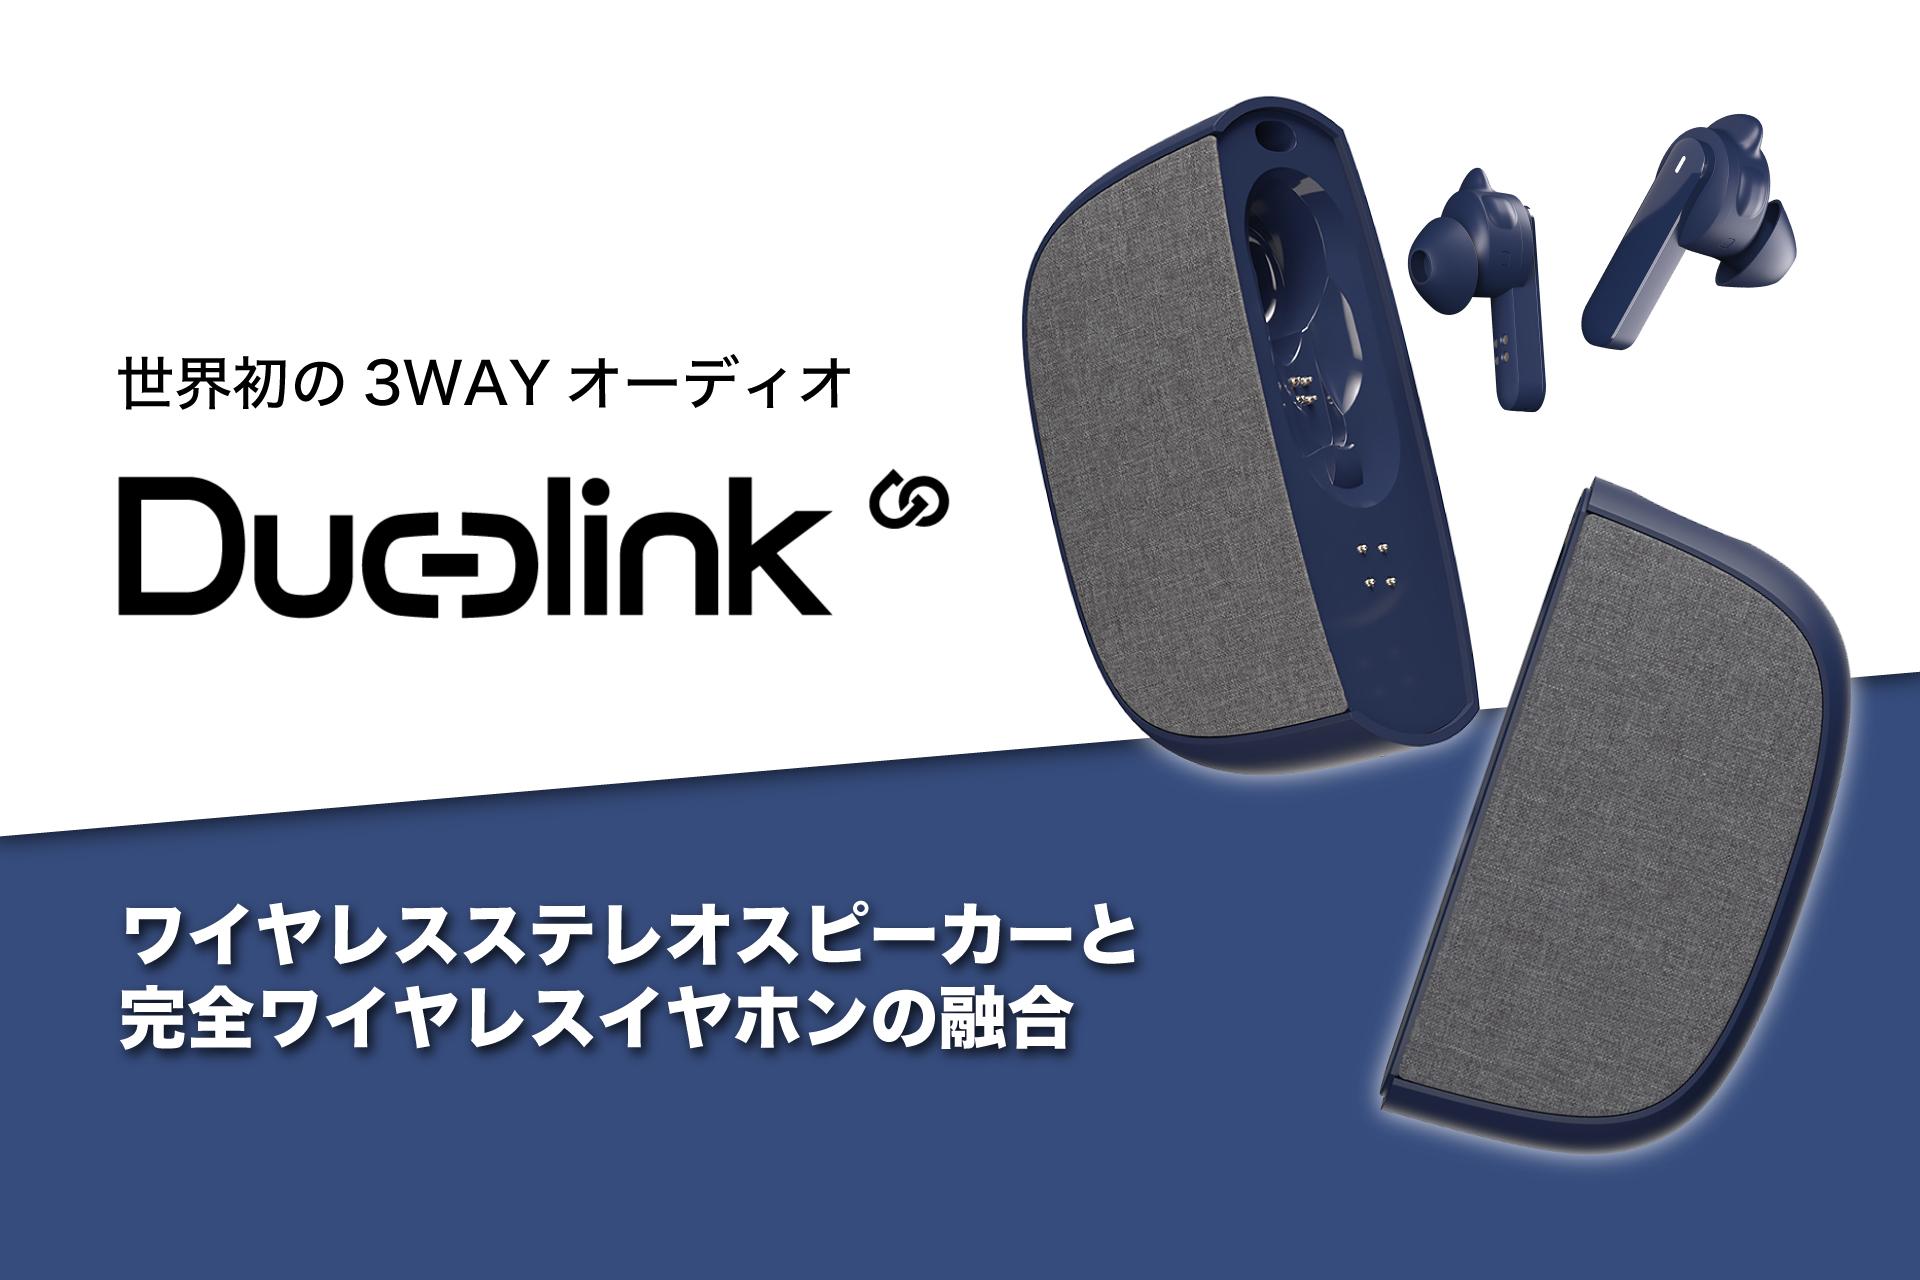 世界初!スピーカーと完全ワイヤレスイヤホンが融合した【Duolink】登場